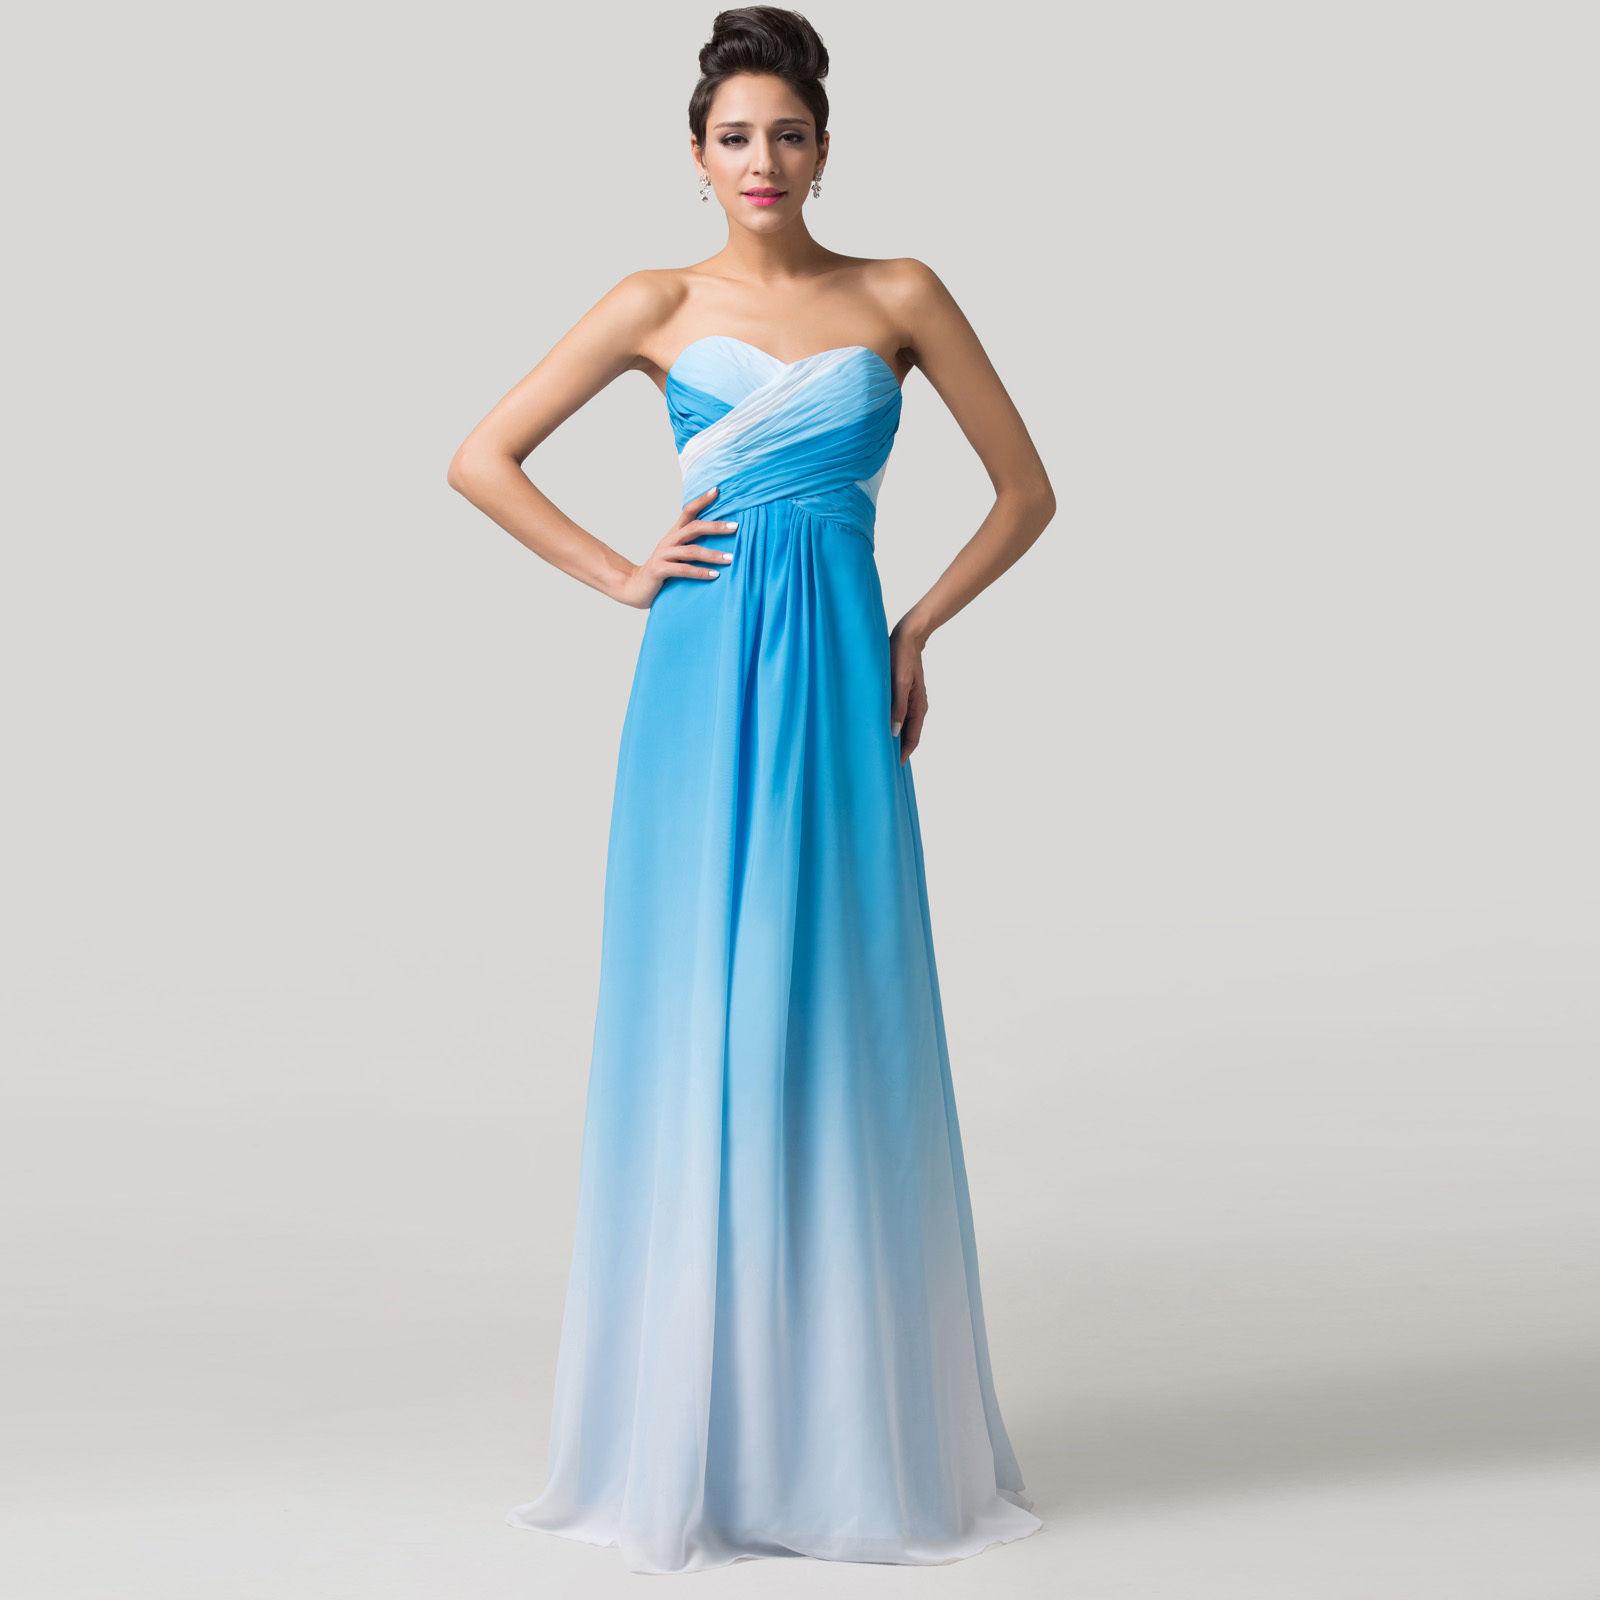 Nové šaty na půjčení - Obrázek č. 5